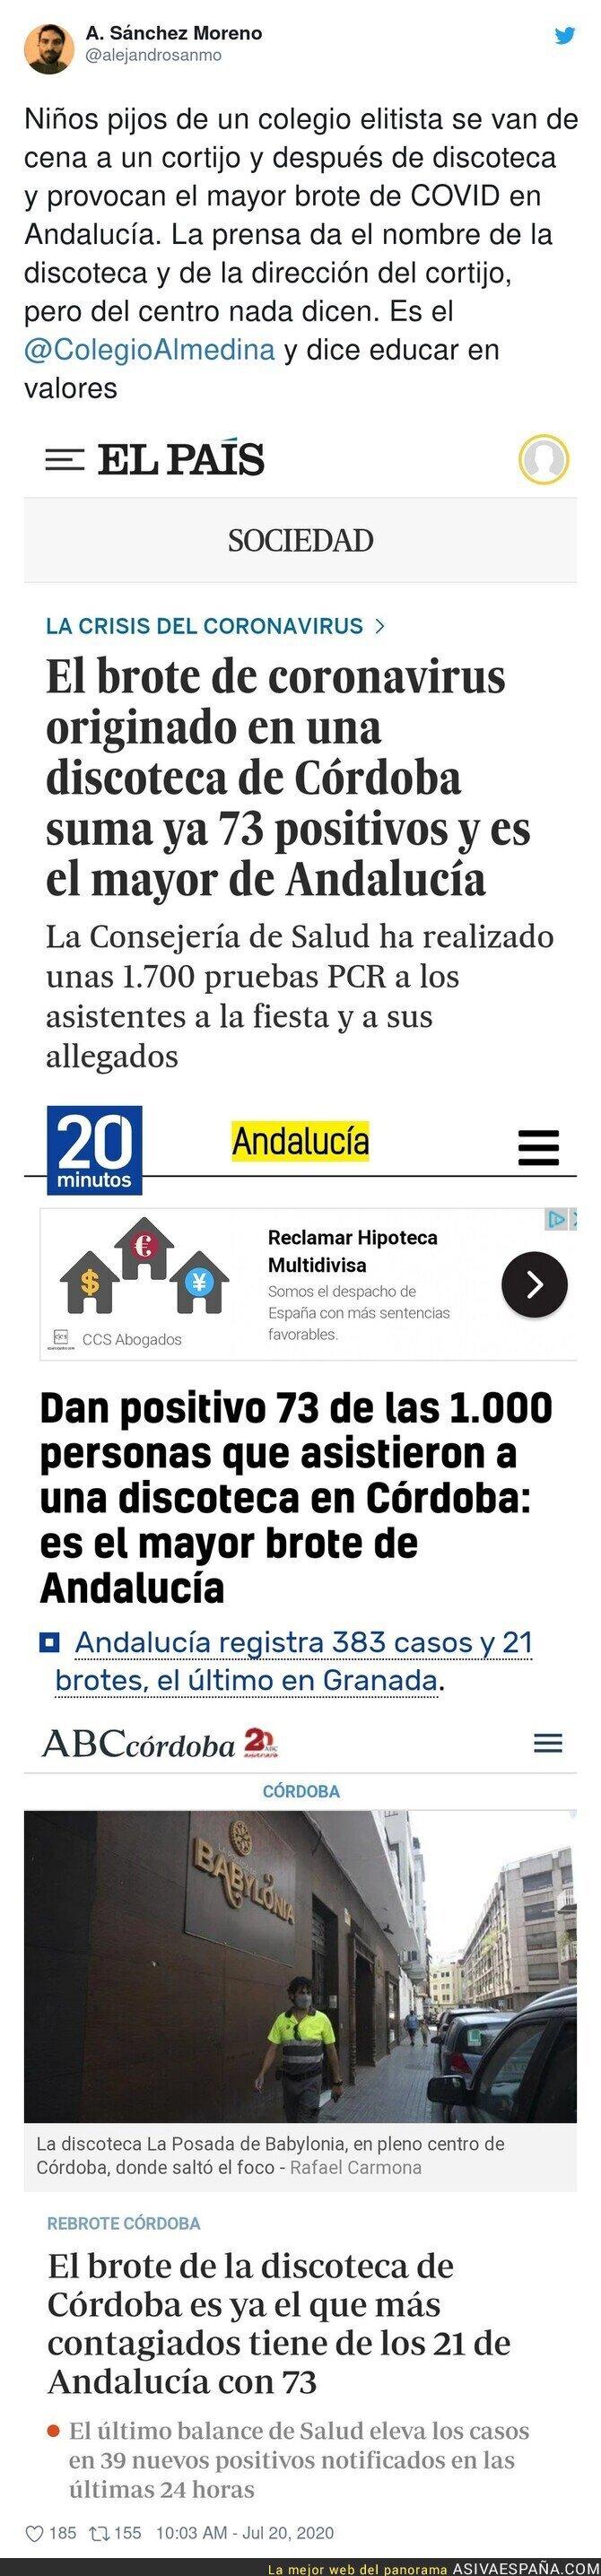 280150 - Este es el nombre del colegio de pijos que han provocado el gran brote en una discoteca de Córdoba y que los medios ocultan